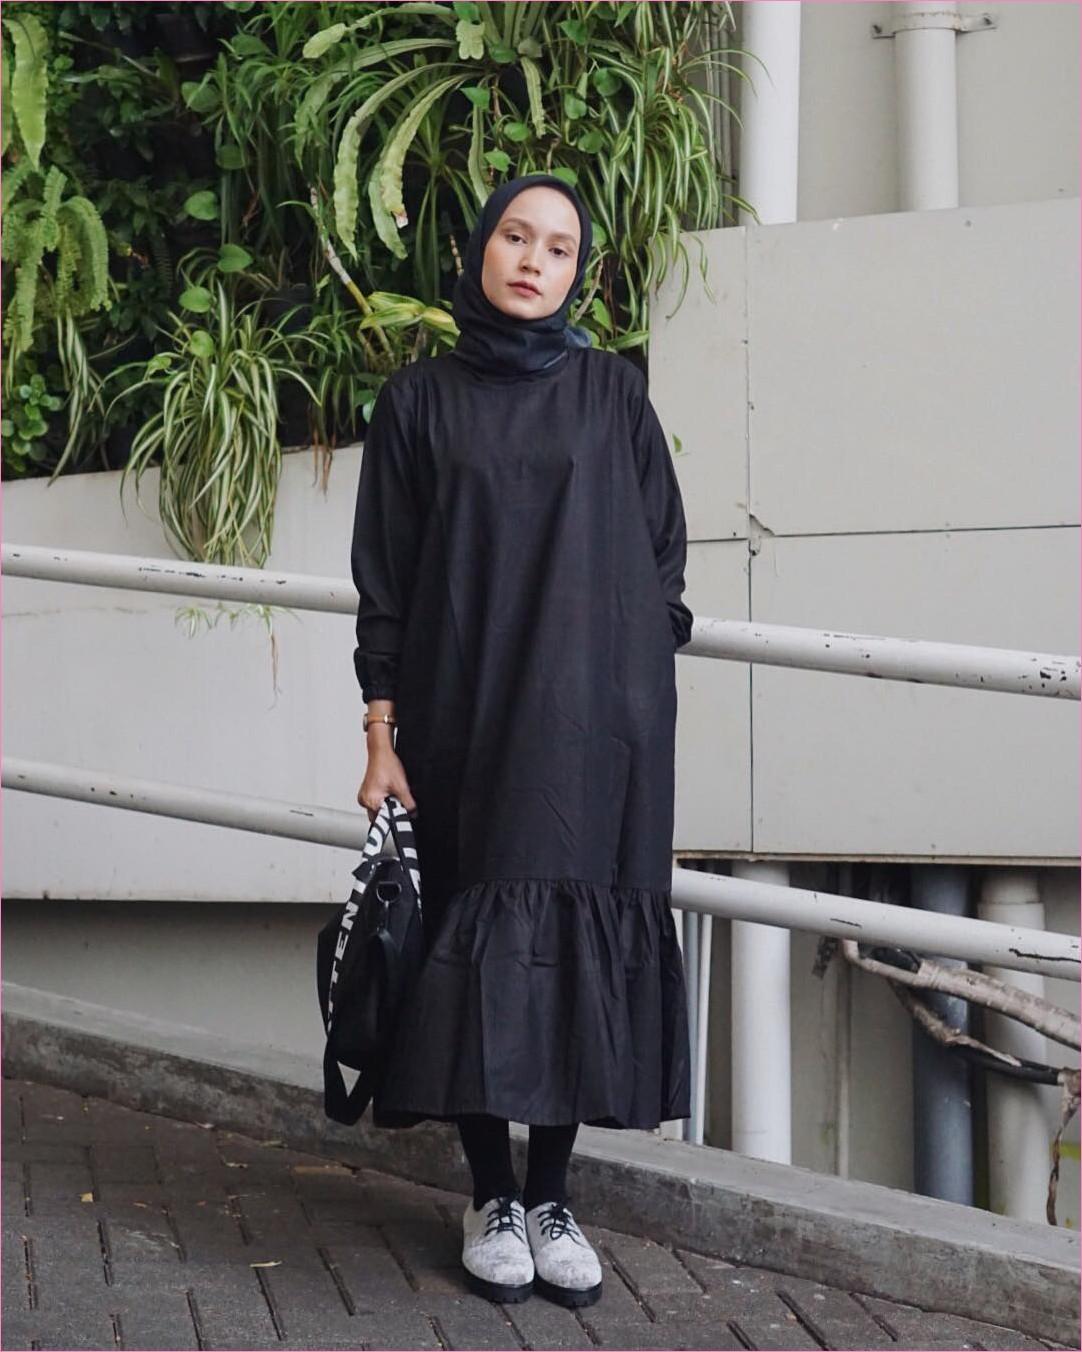 Outfit Baju Tunic Untuk Hijabers Ala Selebgram 2018 baju tunic hitam hand bag tote bag legging lace ups flatshoes kets putih kerudung segiempat hijab square jam tangan ootd trendy kekinian gelang emas pohon daun